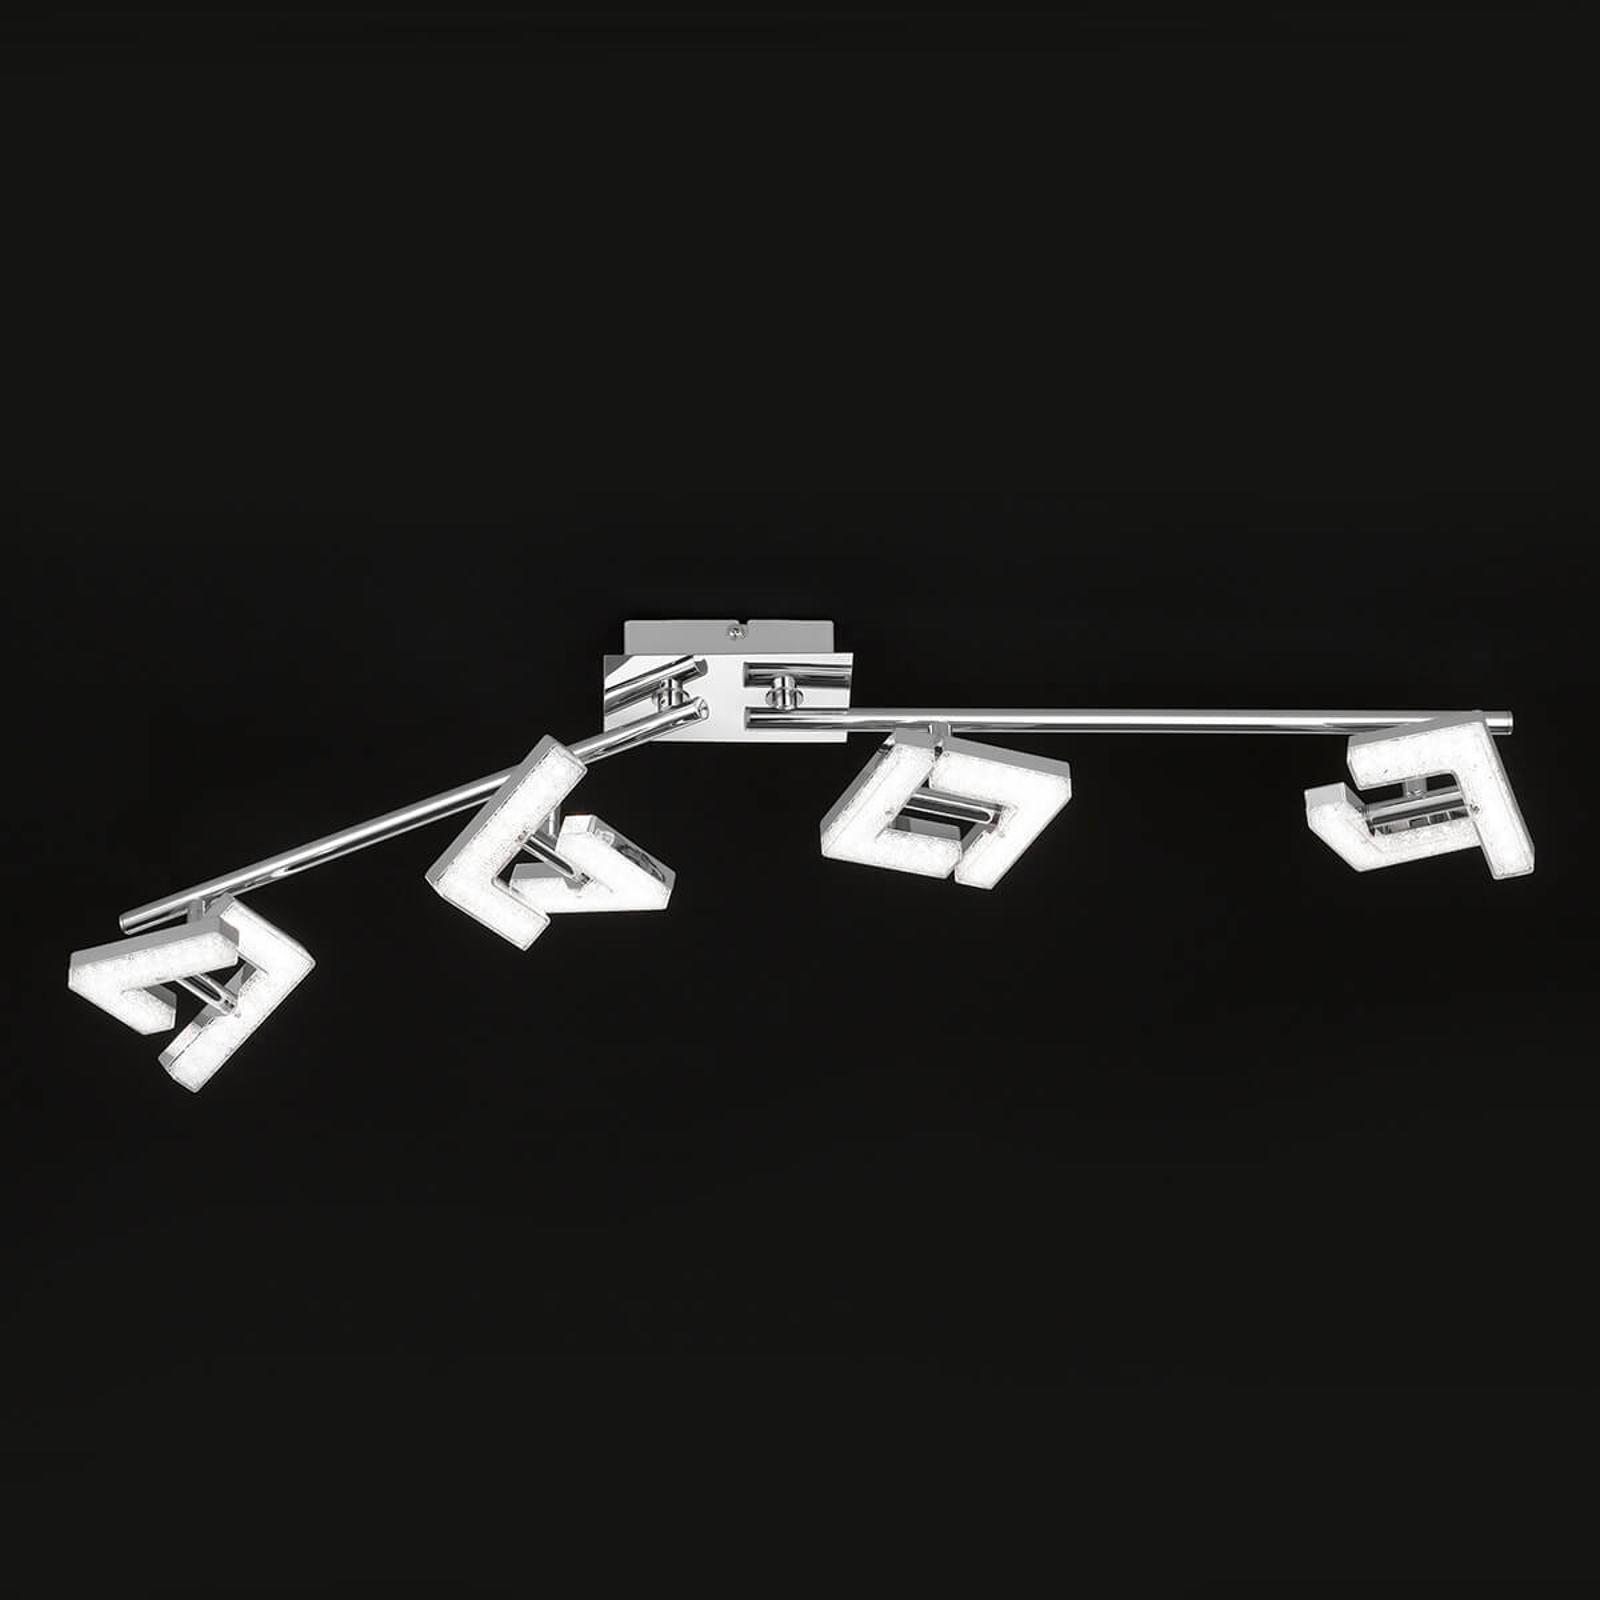 Meervoudig instelbare LED plafondlamp Lea